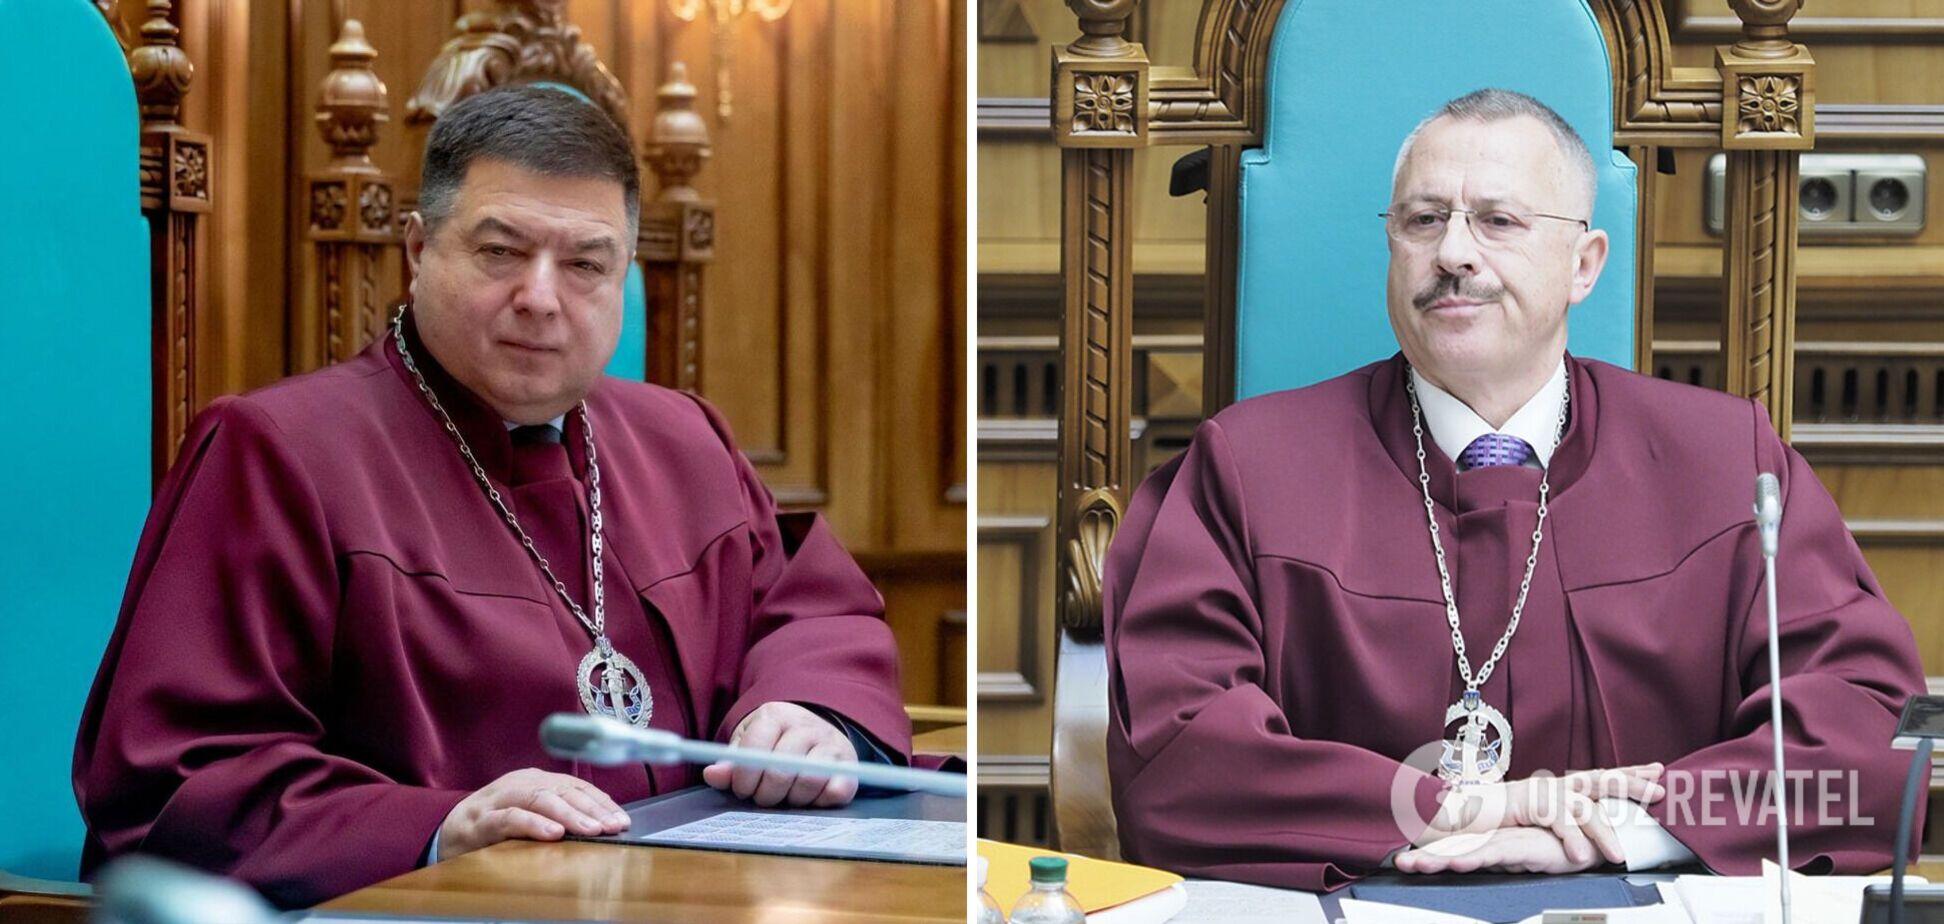 КСУ на спецзаседании 17 марта рассмотрит совершение Тупицким дисциплинарного проступка